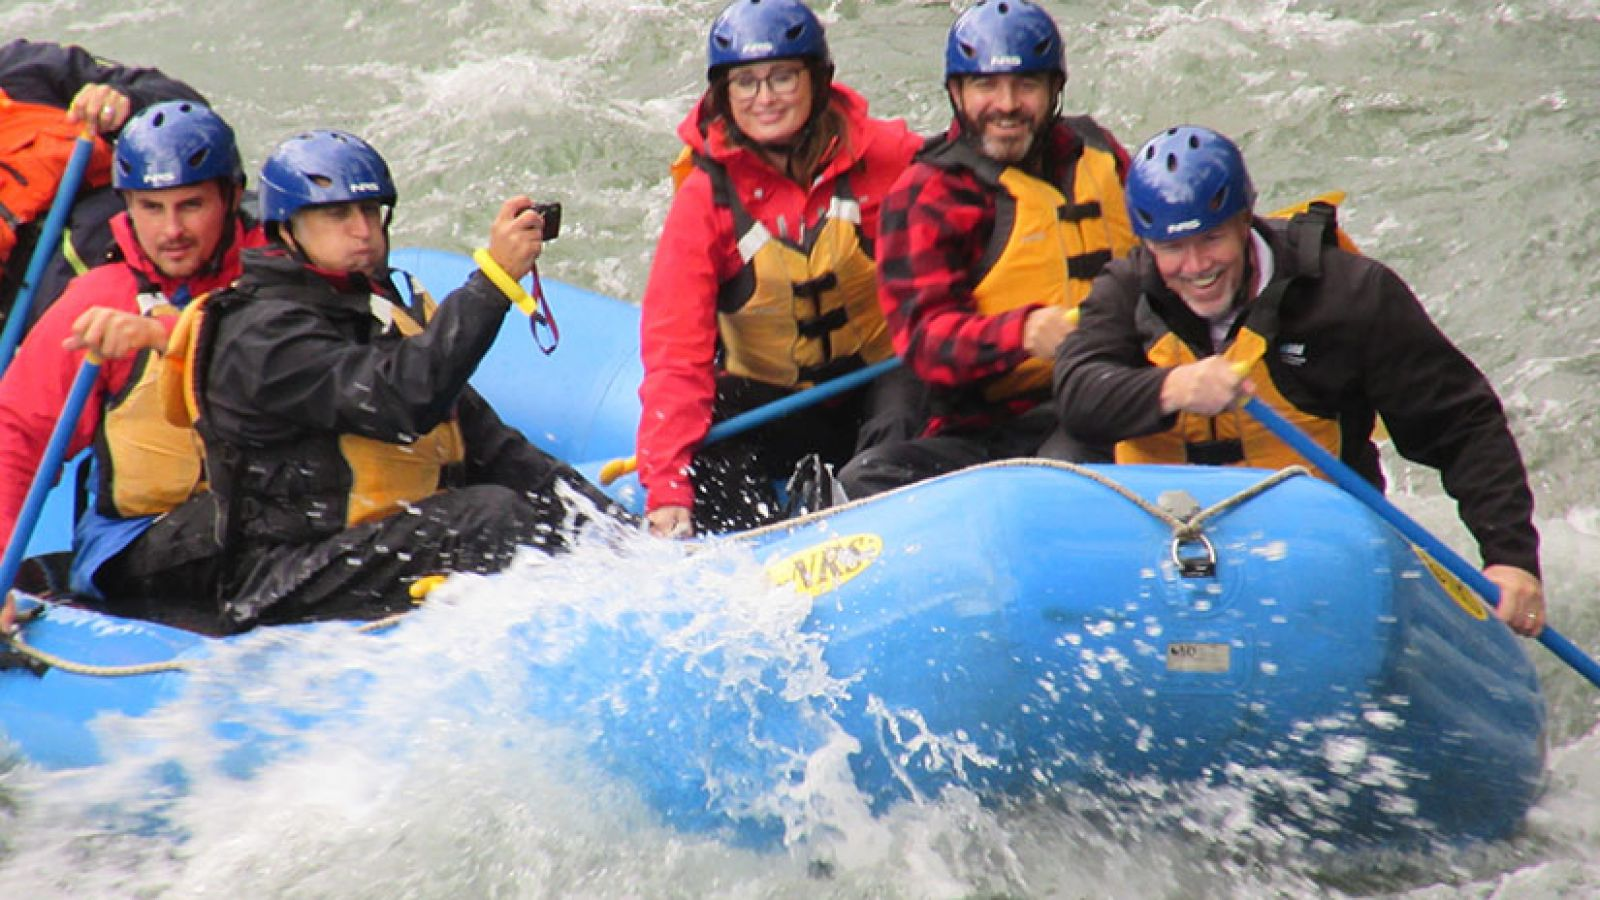 River rafting.